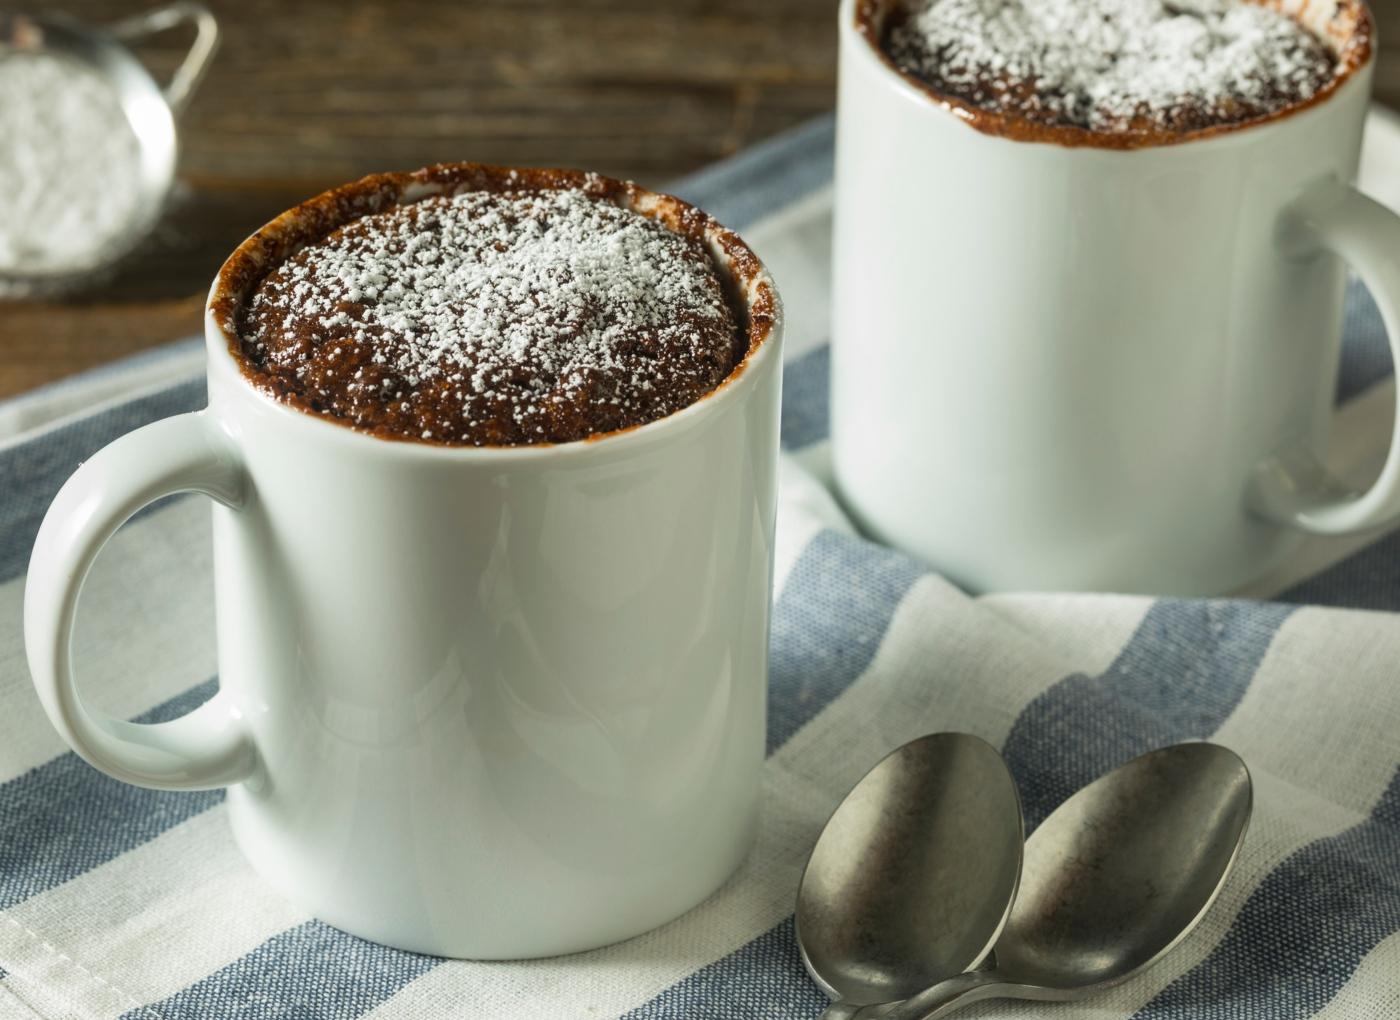 Pequenos-almoços ricos em proteína: bolo de canela